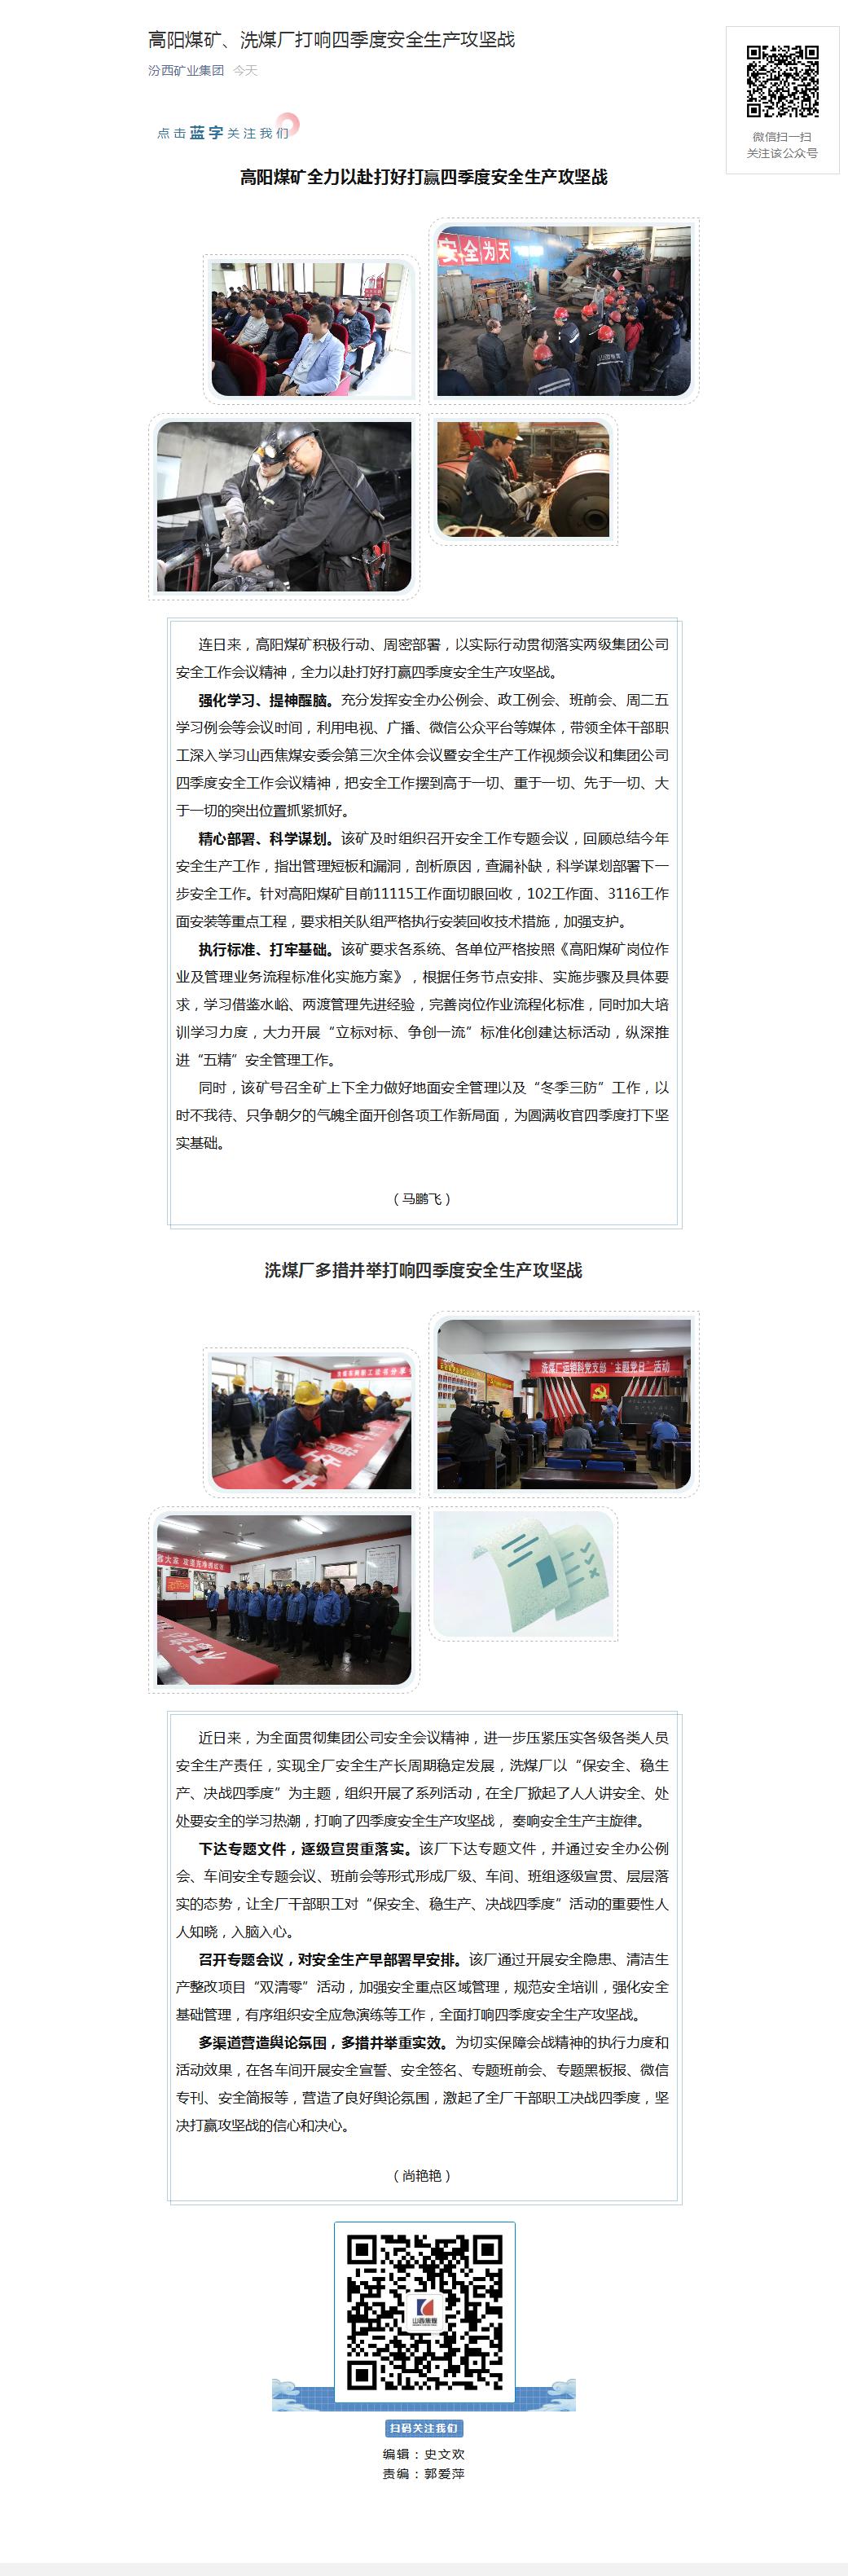 高阳煤矿、洗煤厂打响四季度安全生产攻坚战.png